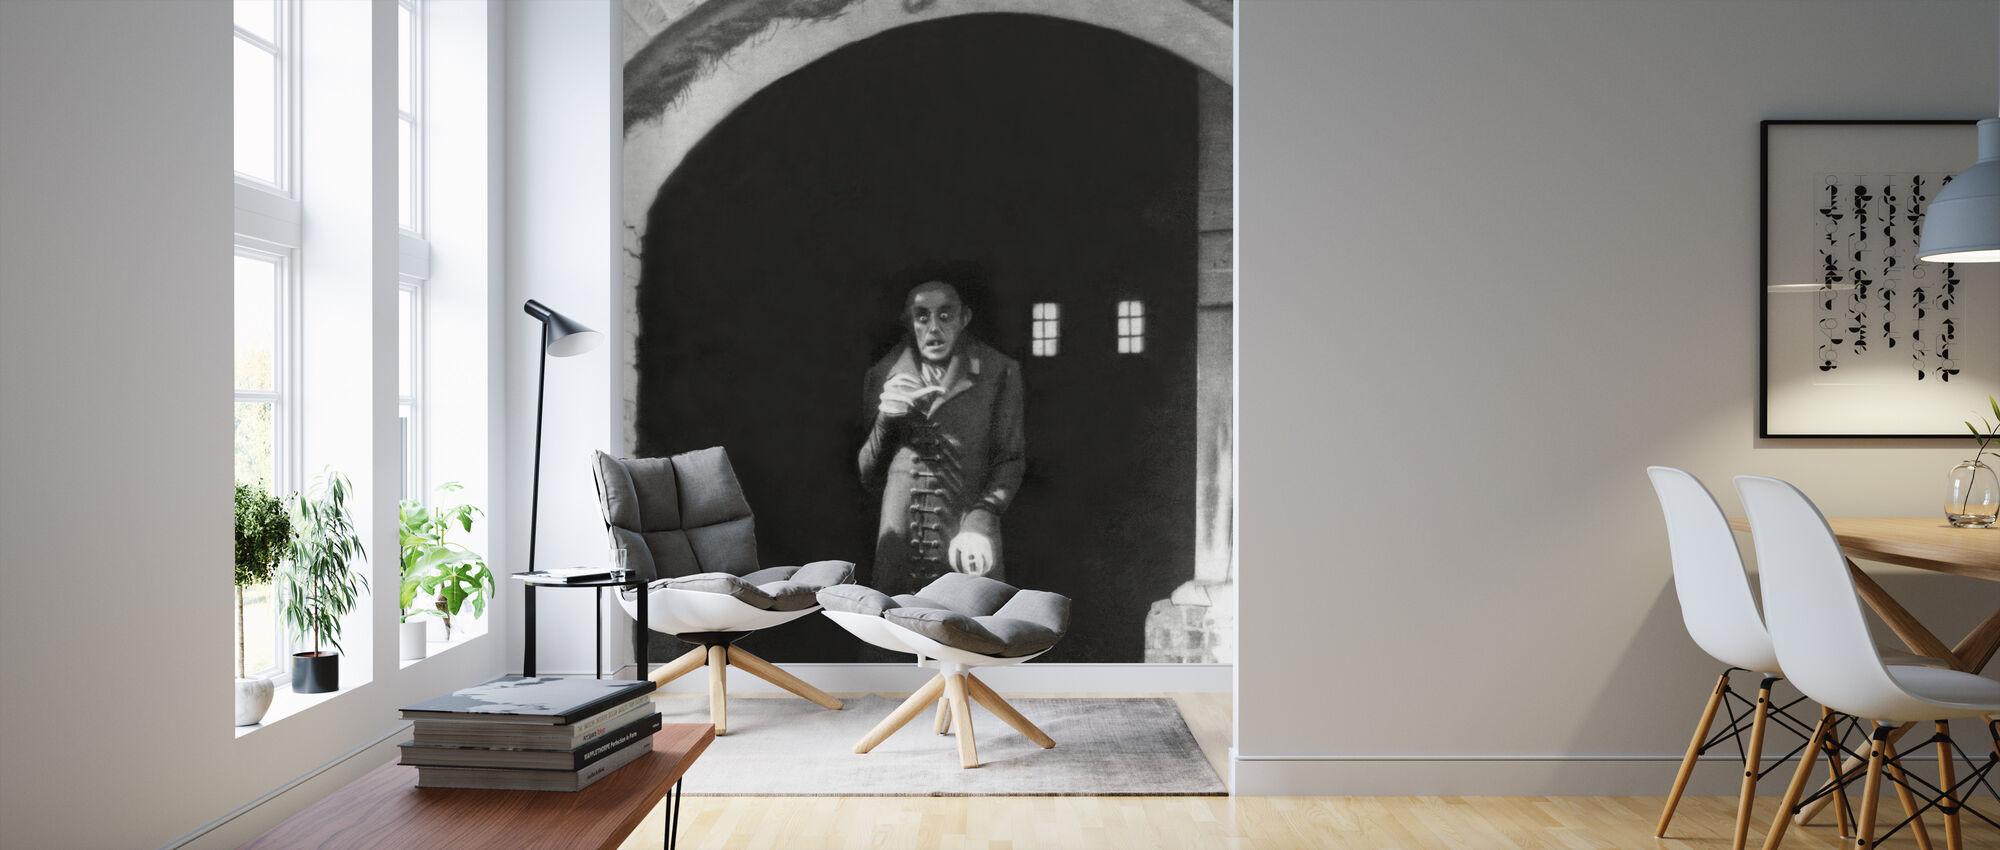 Vampire - Max Schreck - Wallpaper - Living Room